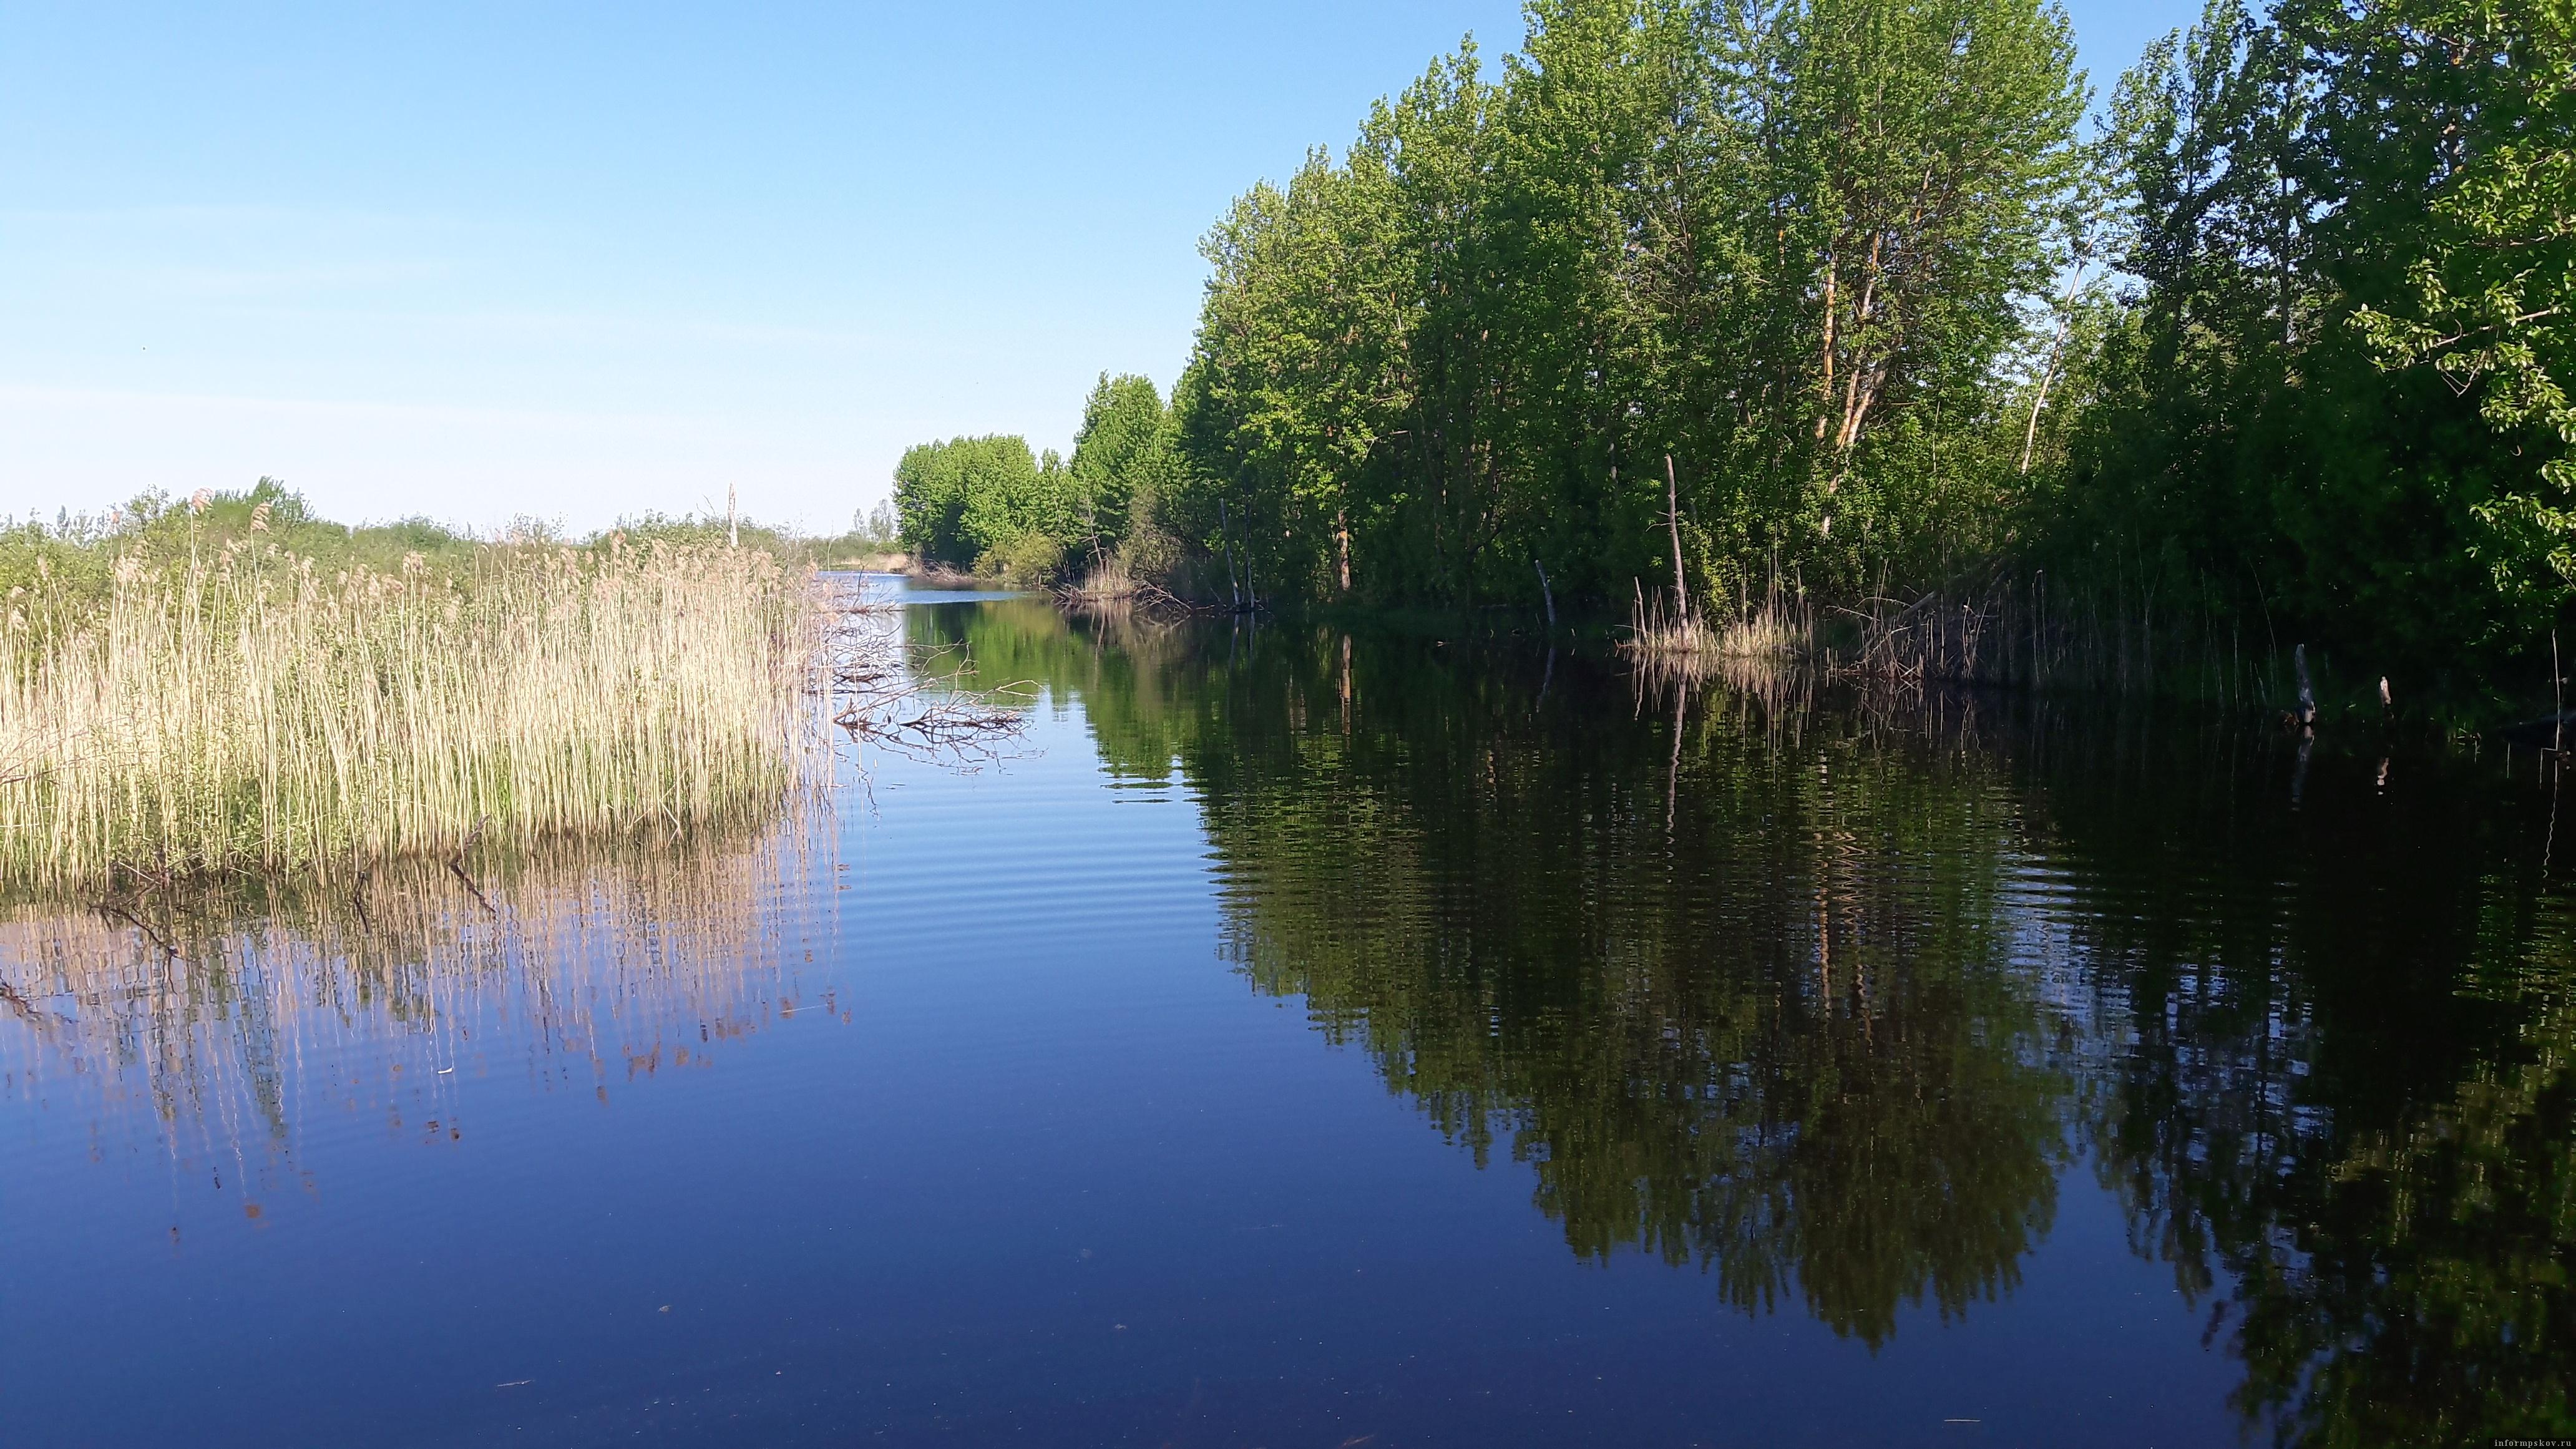 Каждую весну в печорские каналы заходит из Псковского озера огромное количество белого карася. Фото автора.